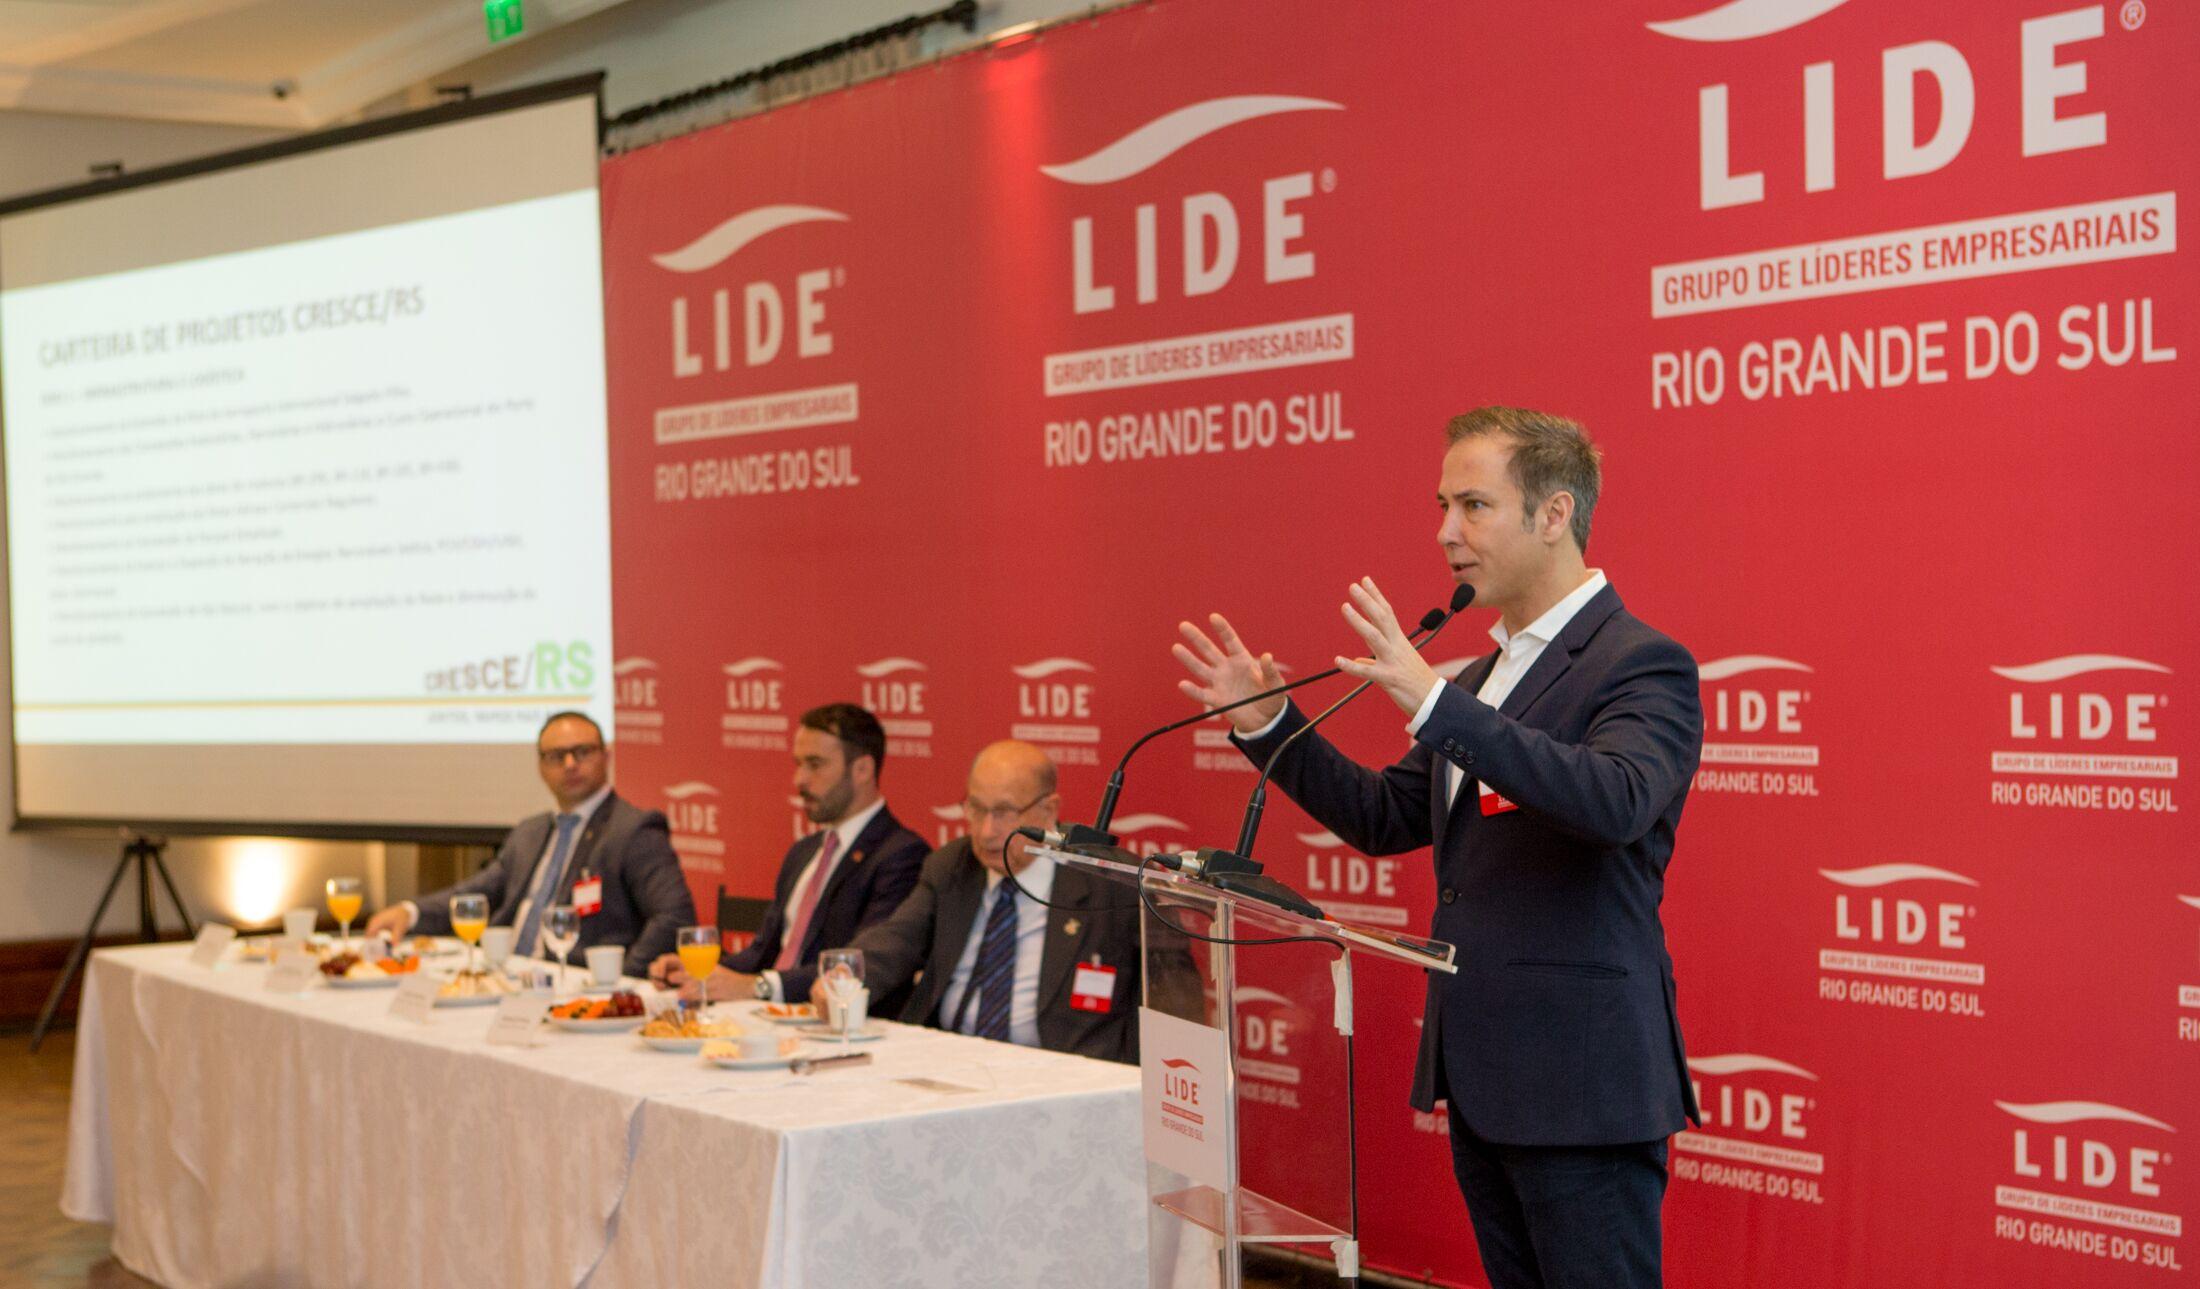 Porto Alegre: CRESCE/RS nasce como um Conselho de Estado, não de Governo, diz Lara, em encontro do LIDE RS com empresários